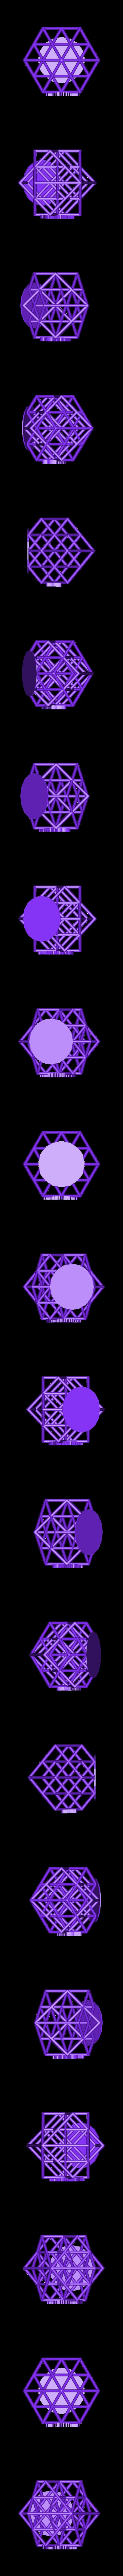 STRATOMAKER LOGO.stl Download free STL file Lattice Cube • 3D print design, SomeDesigner